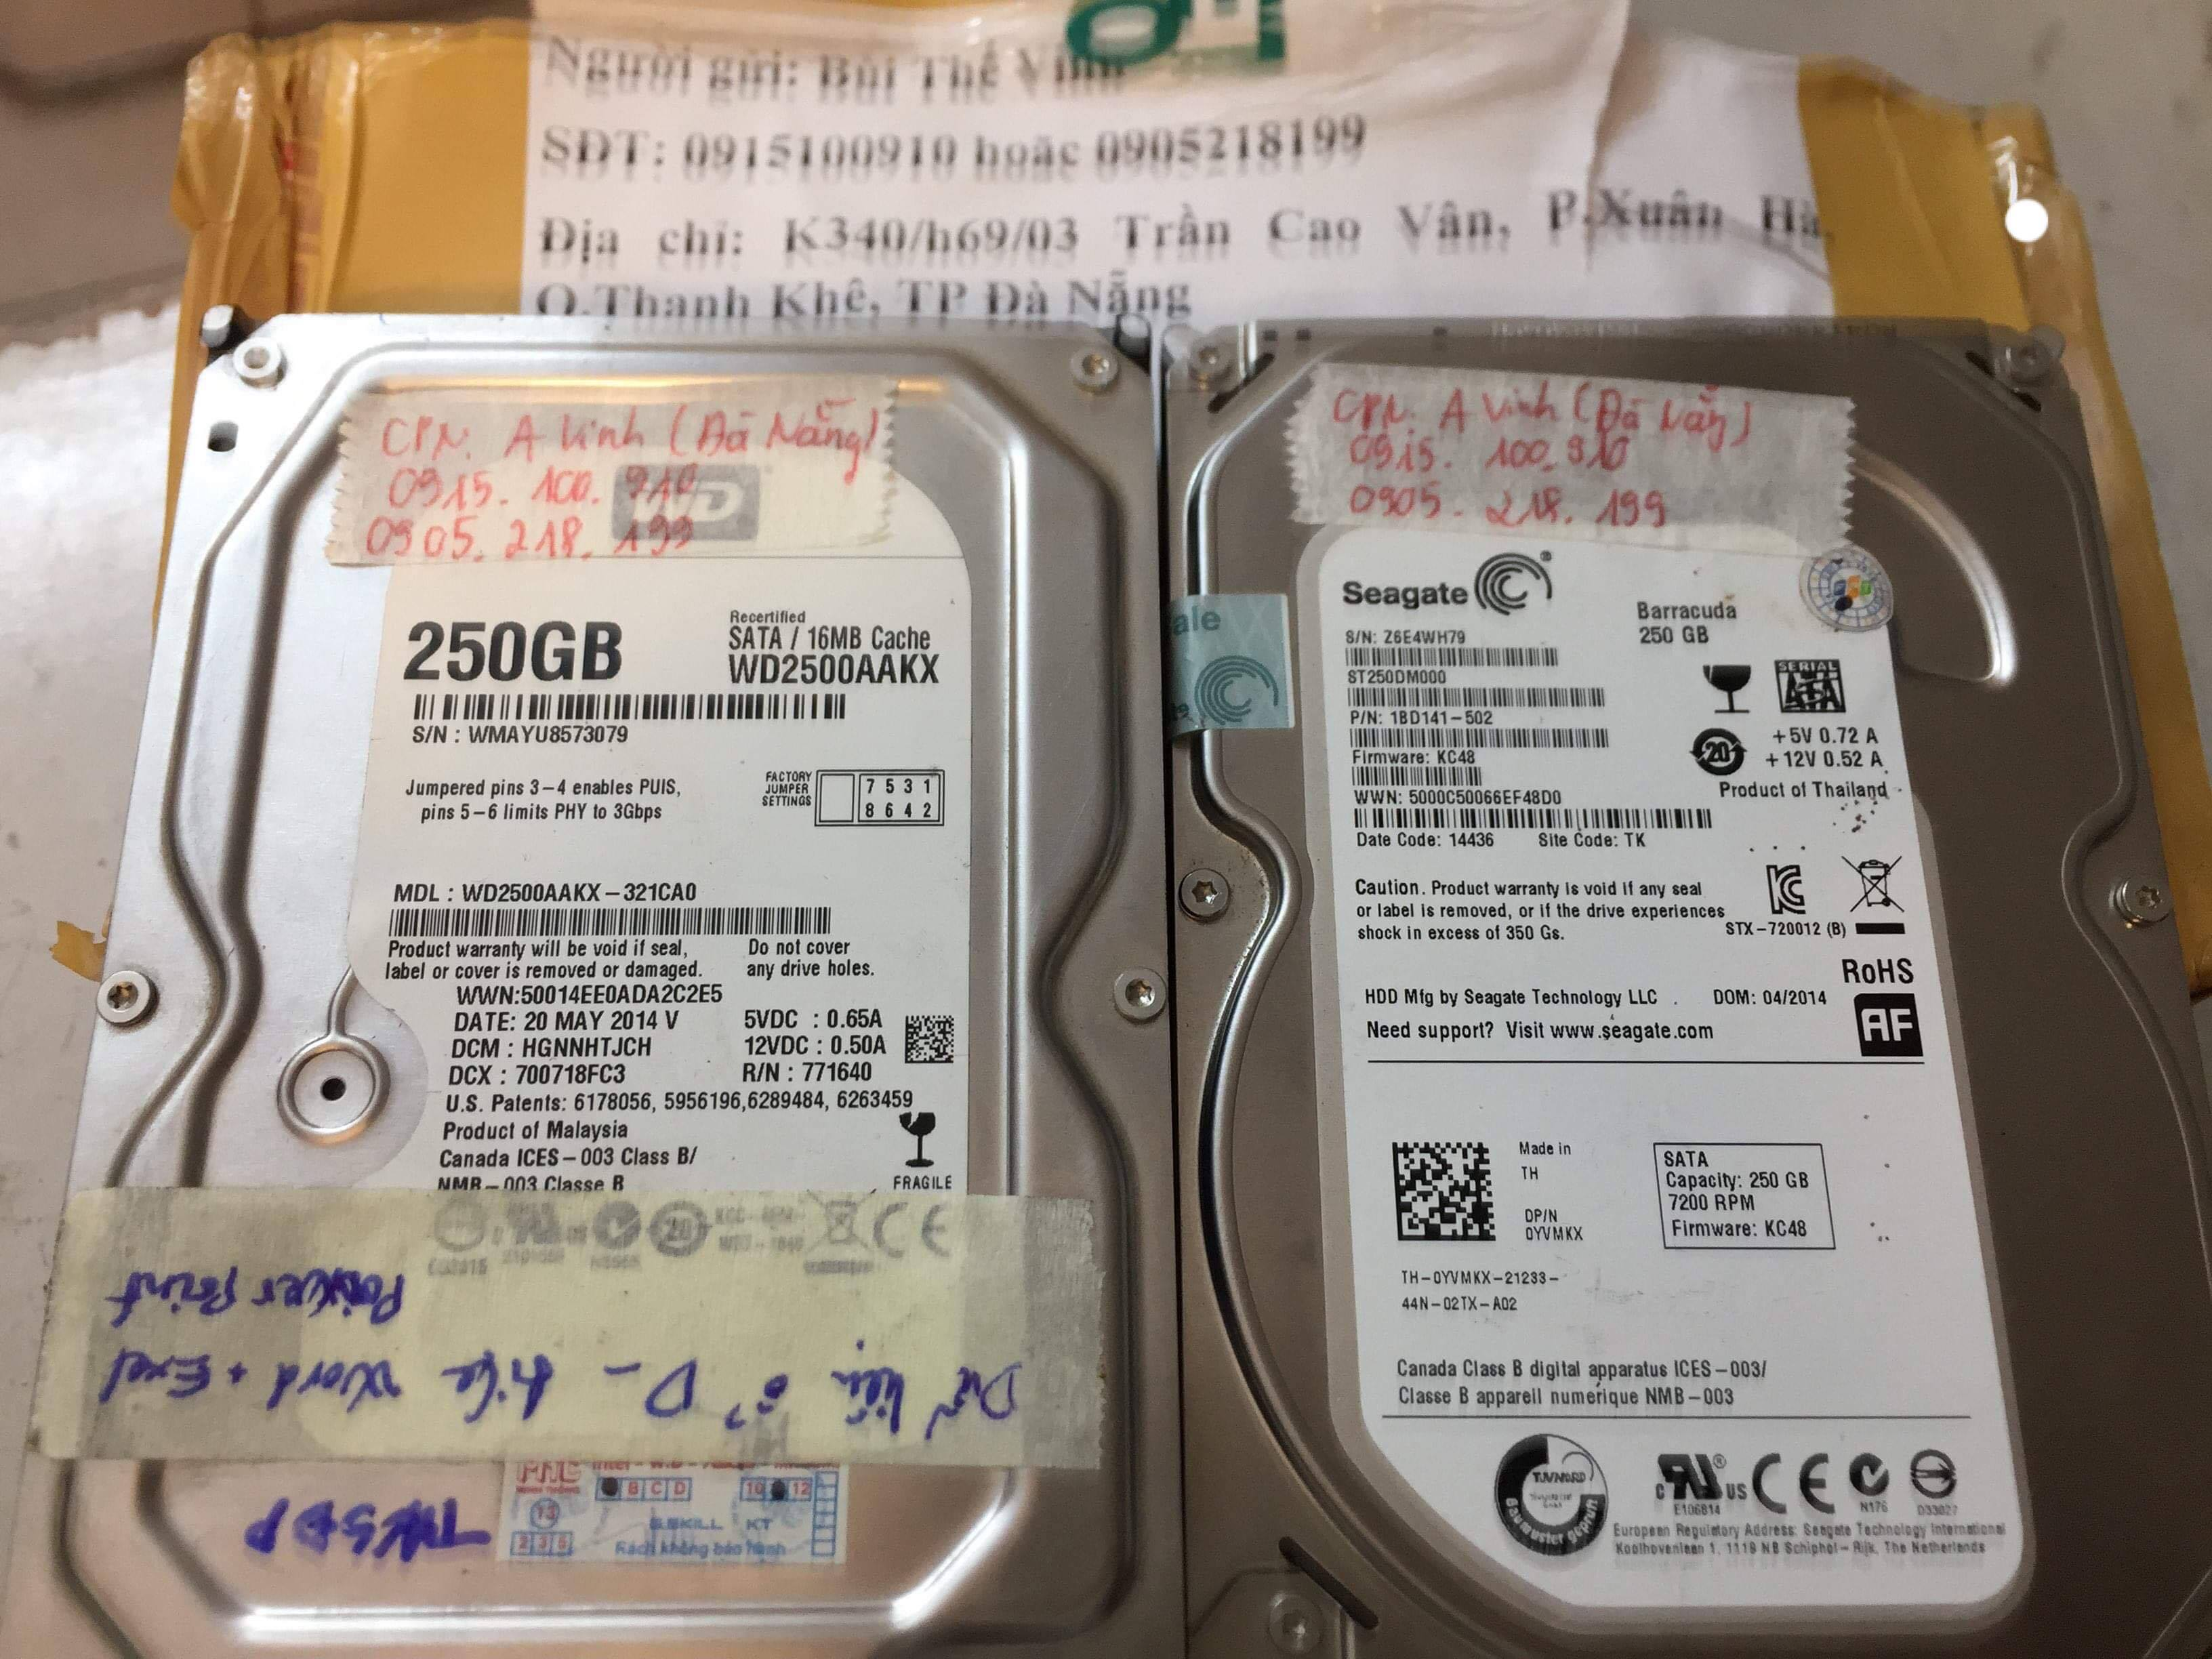 Cứu dữ liệu ổ cứng Western 250GB lỗi cơ tại Đà Nẵng 15/03/2019 - cuumaytinh